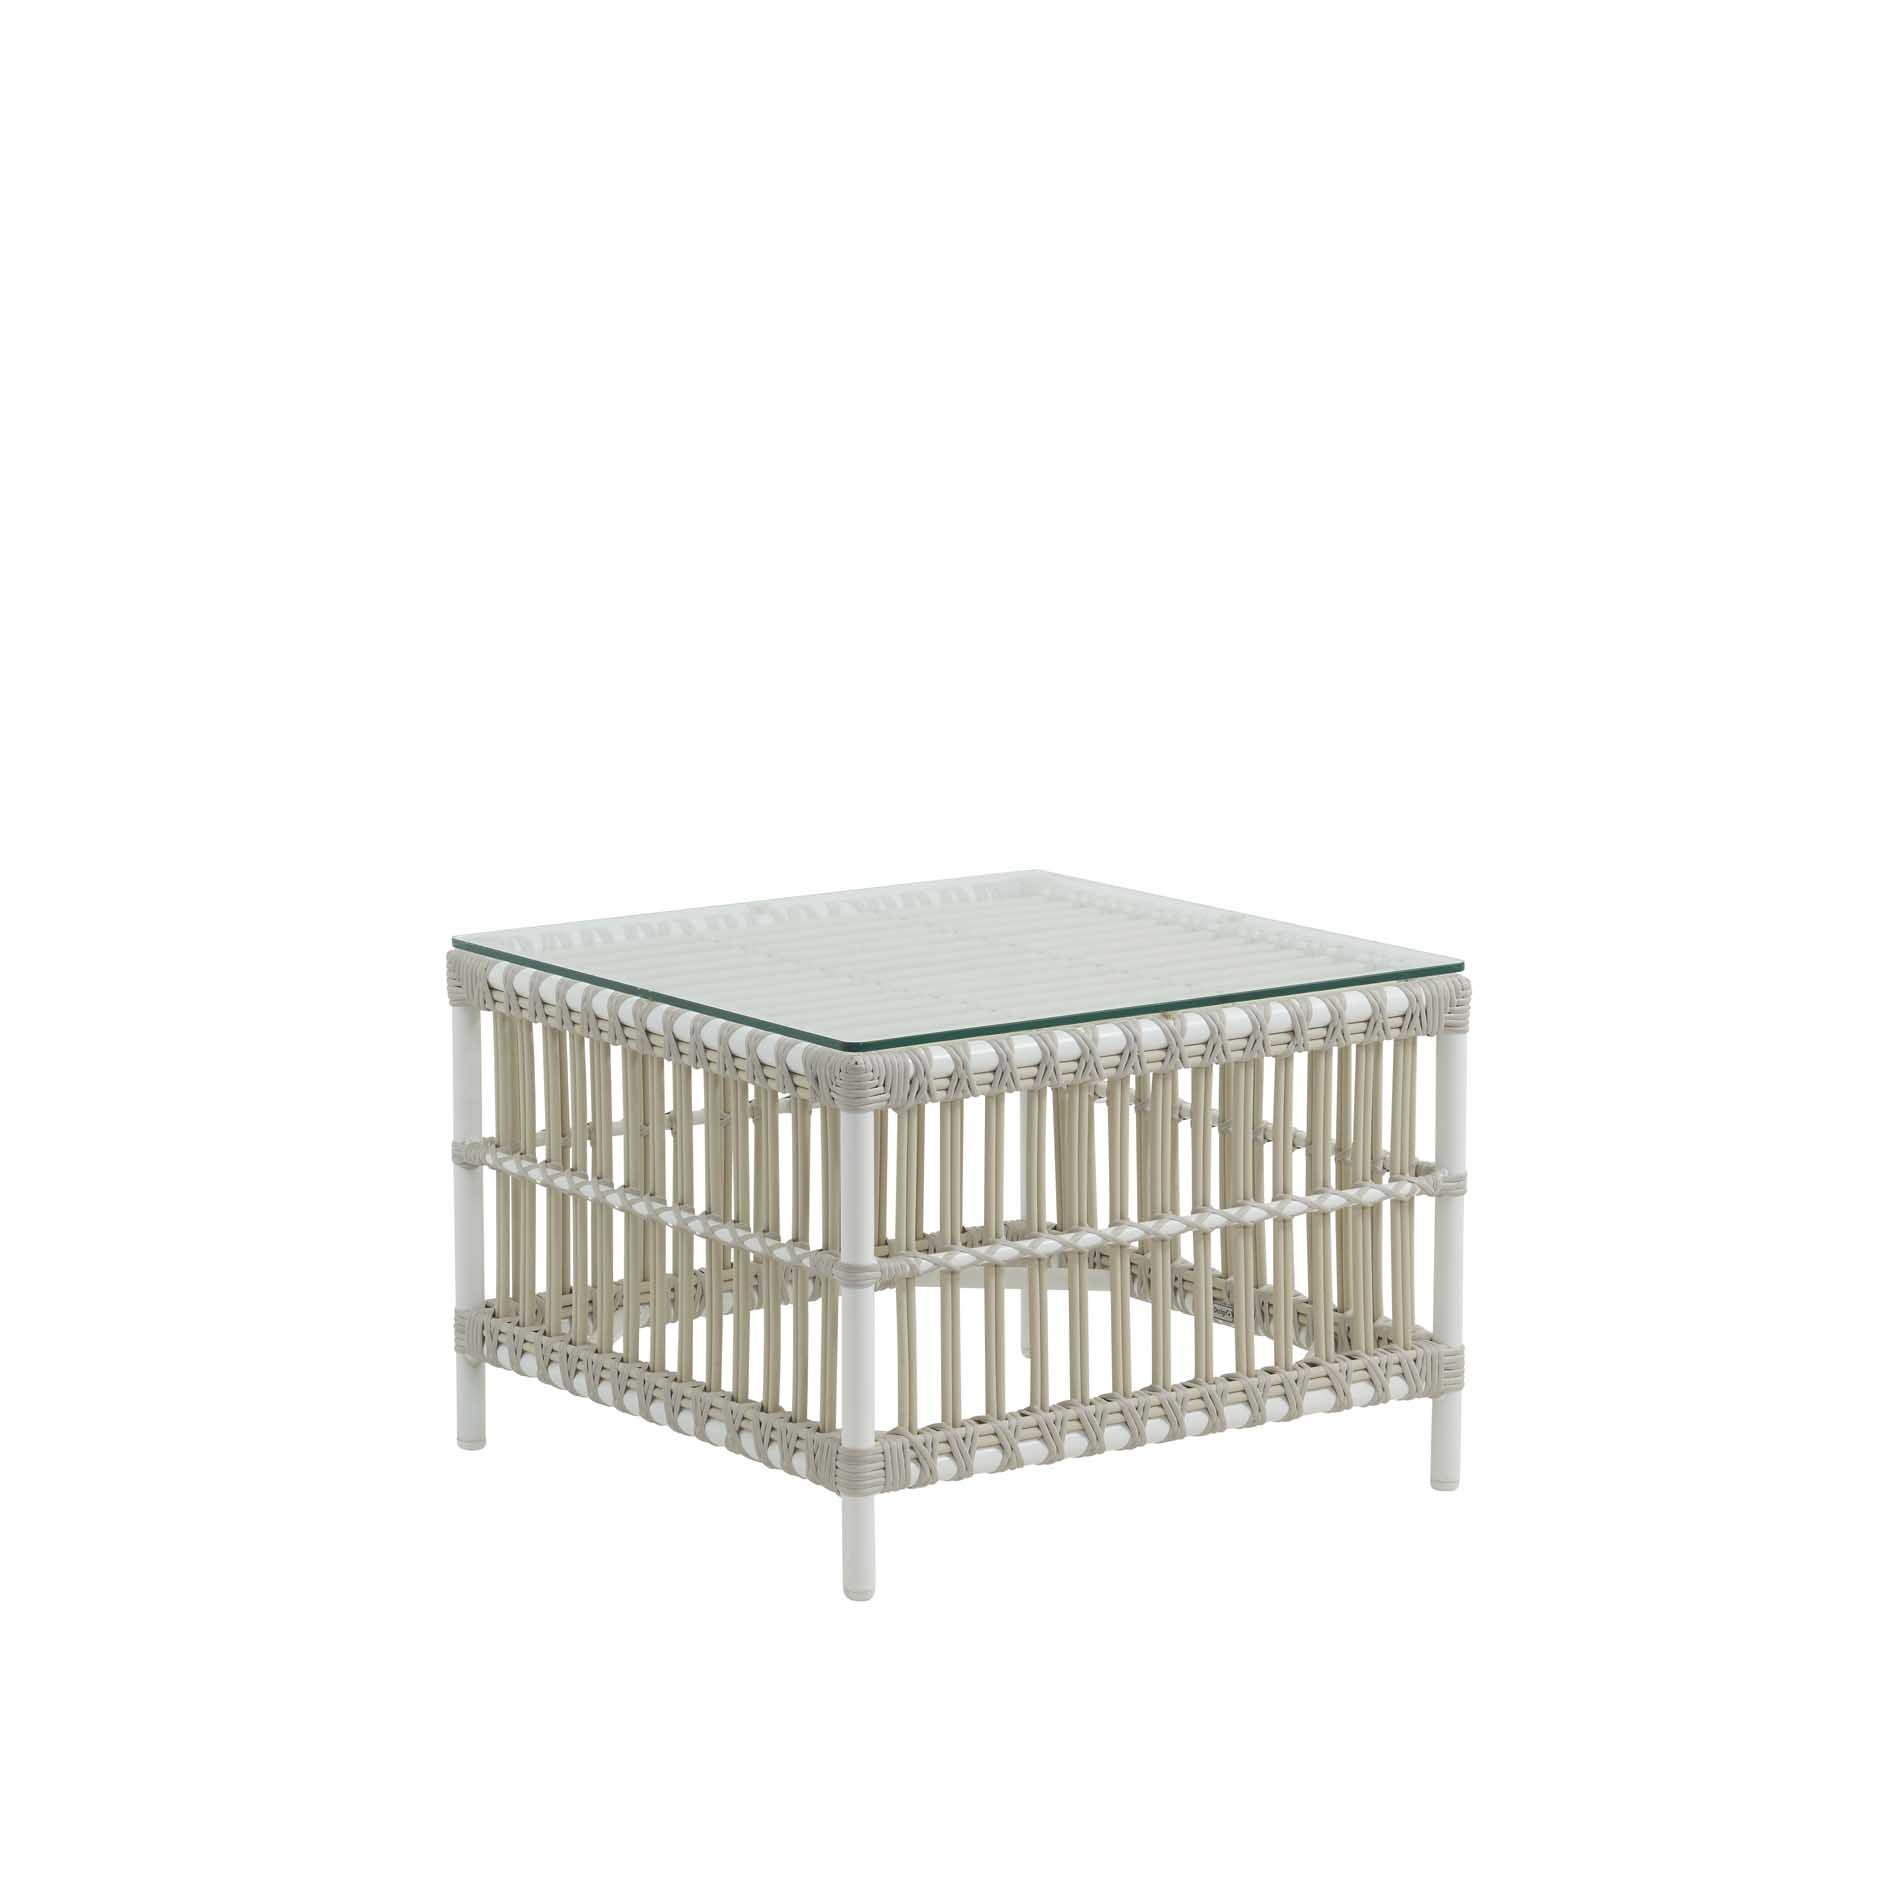 Table basse carrée en aluminium et fibre synthétique blanc